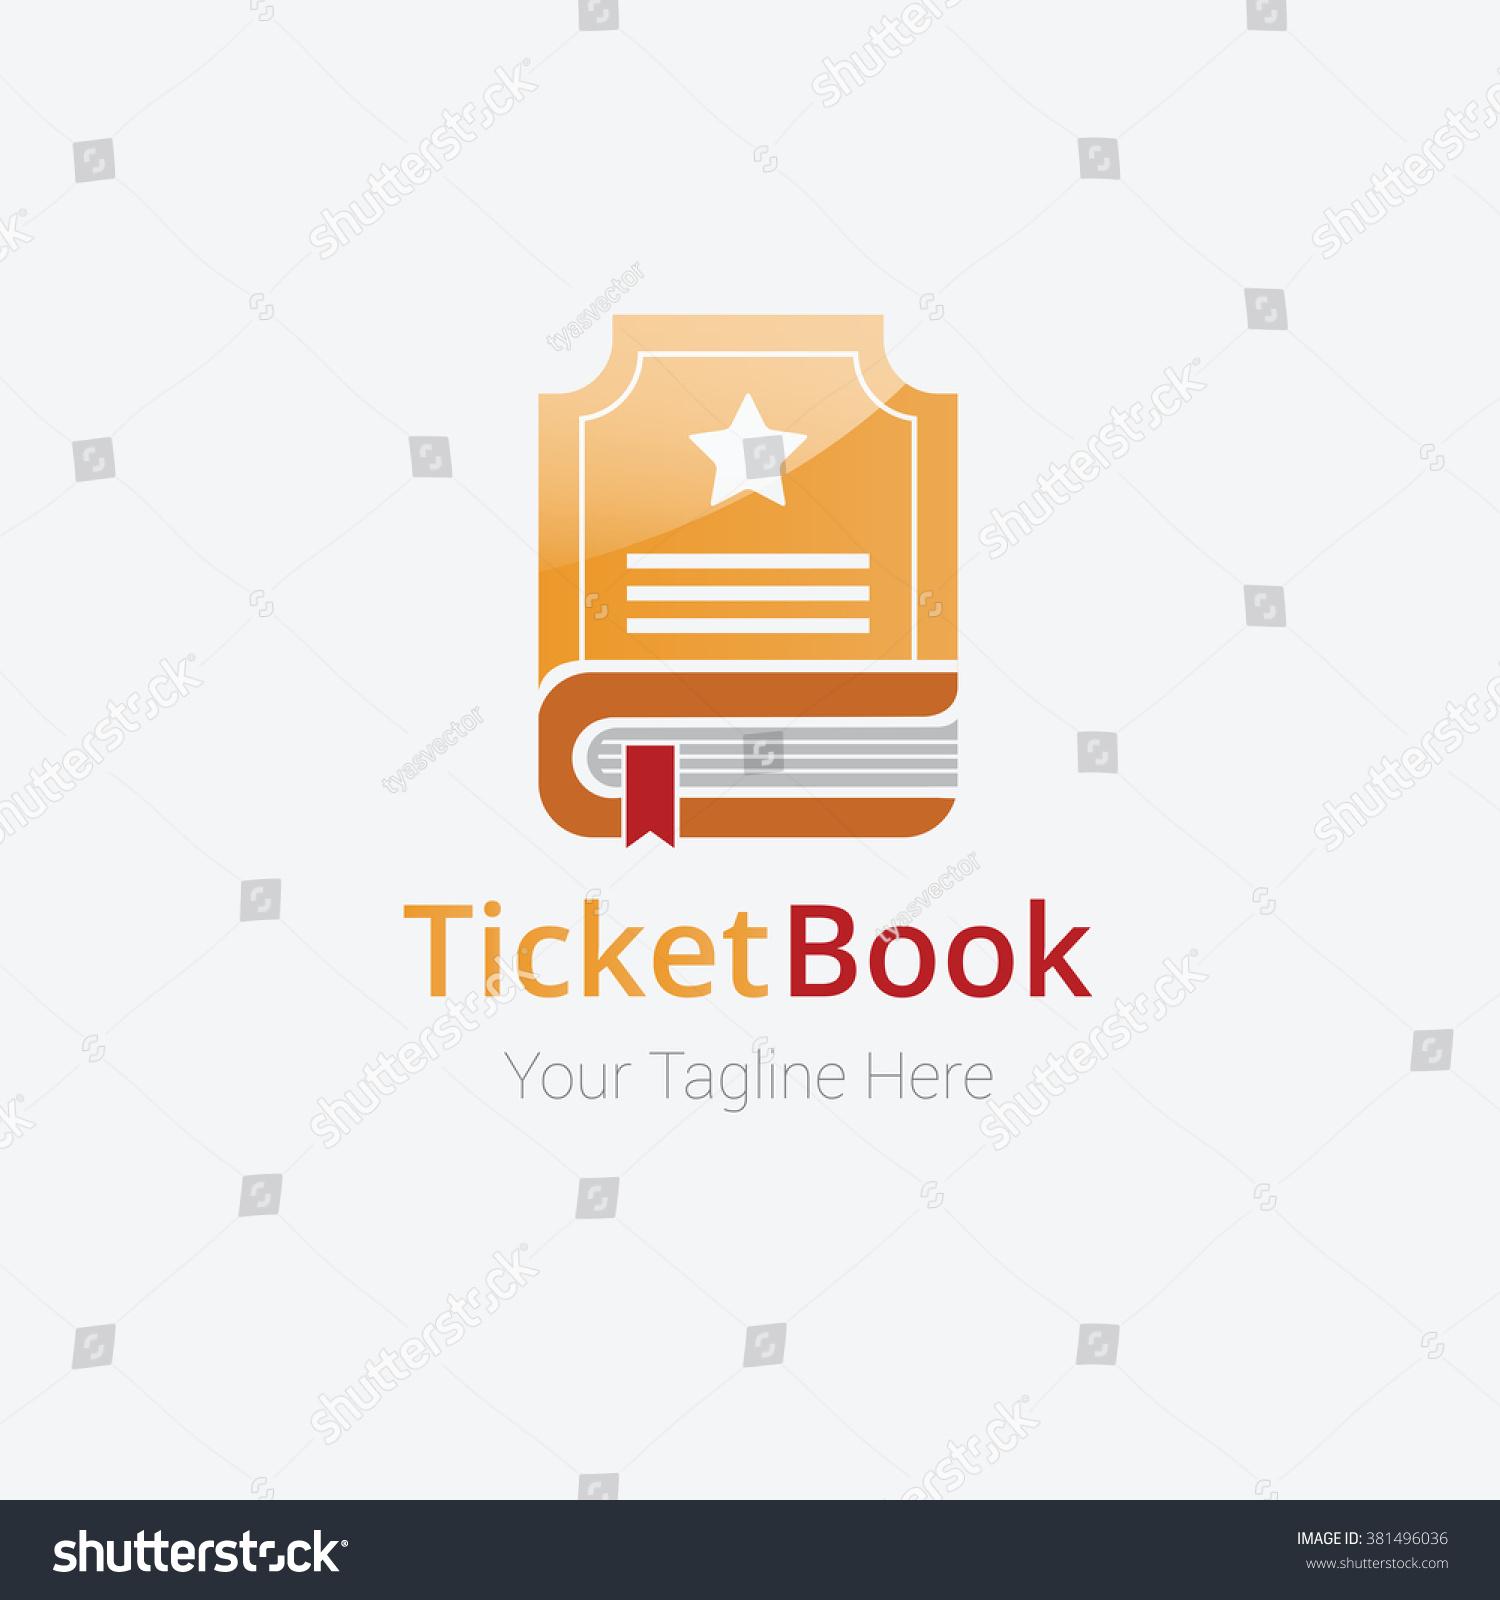 ticket book logo template design vector stock vector royalty free